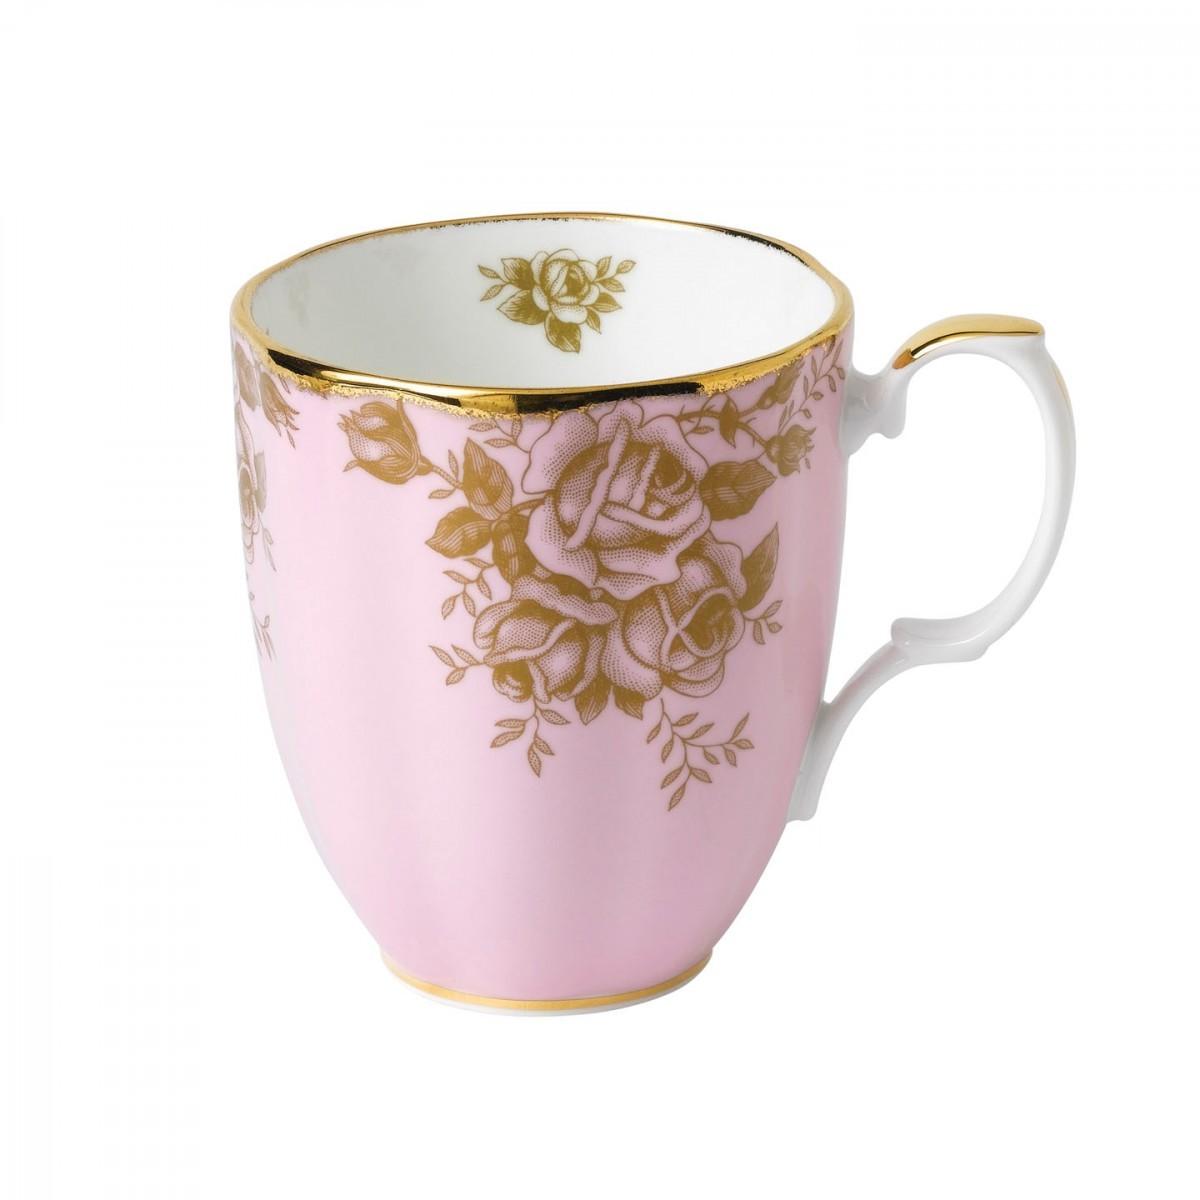 100 Years Of Royal Albert 1960 Golden Roses Mug